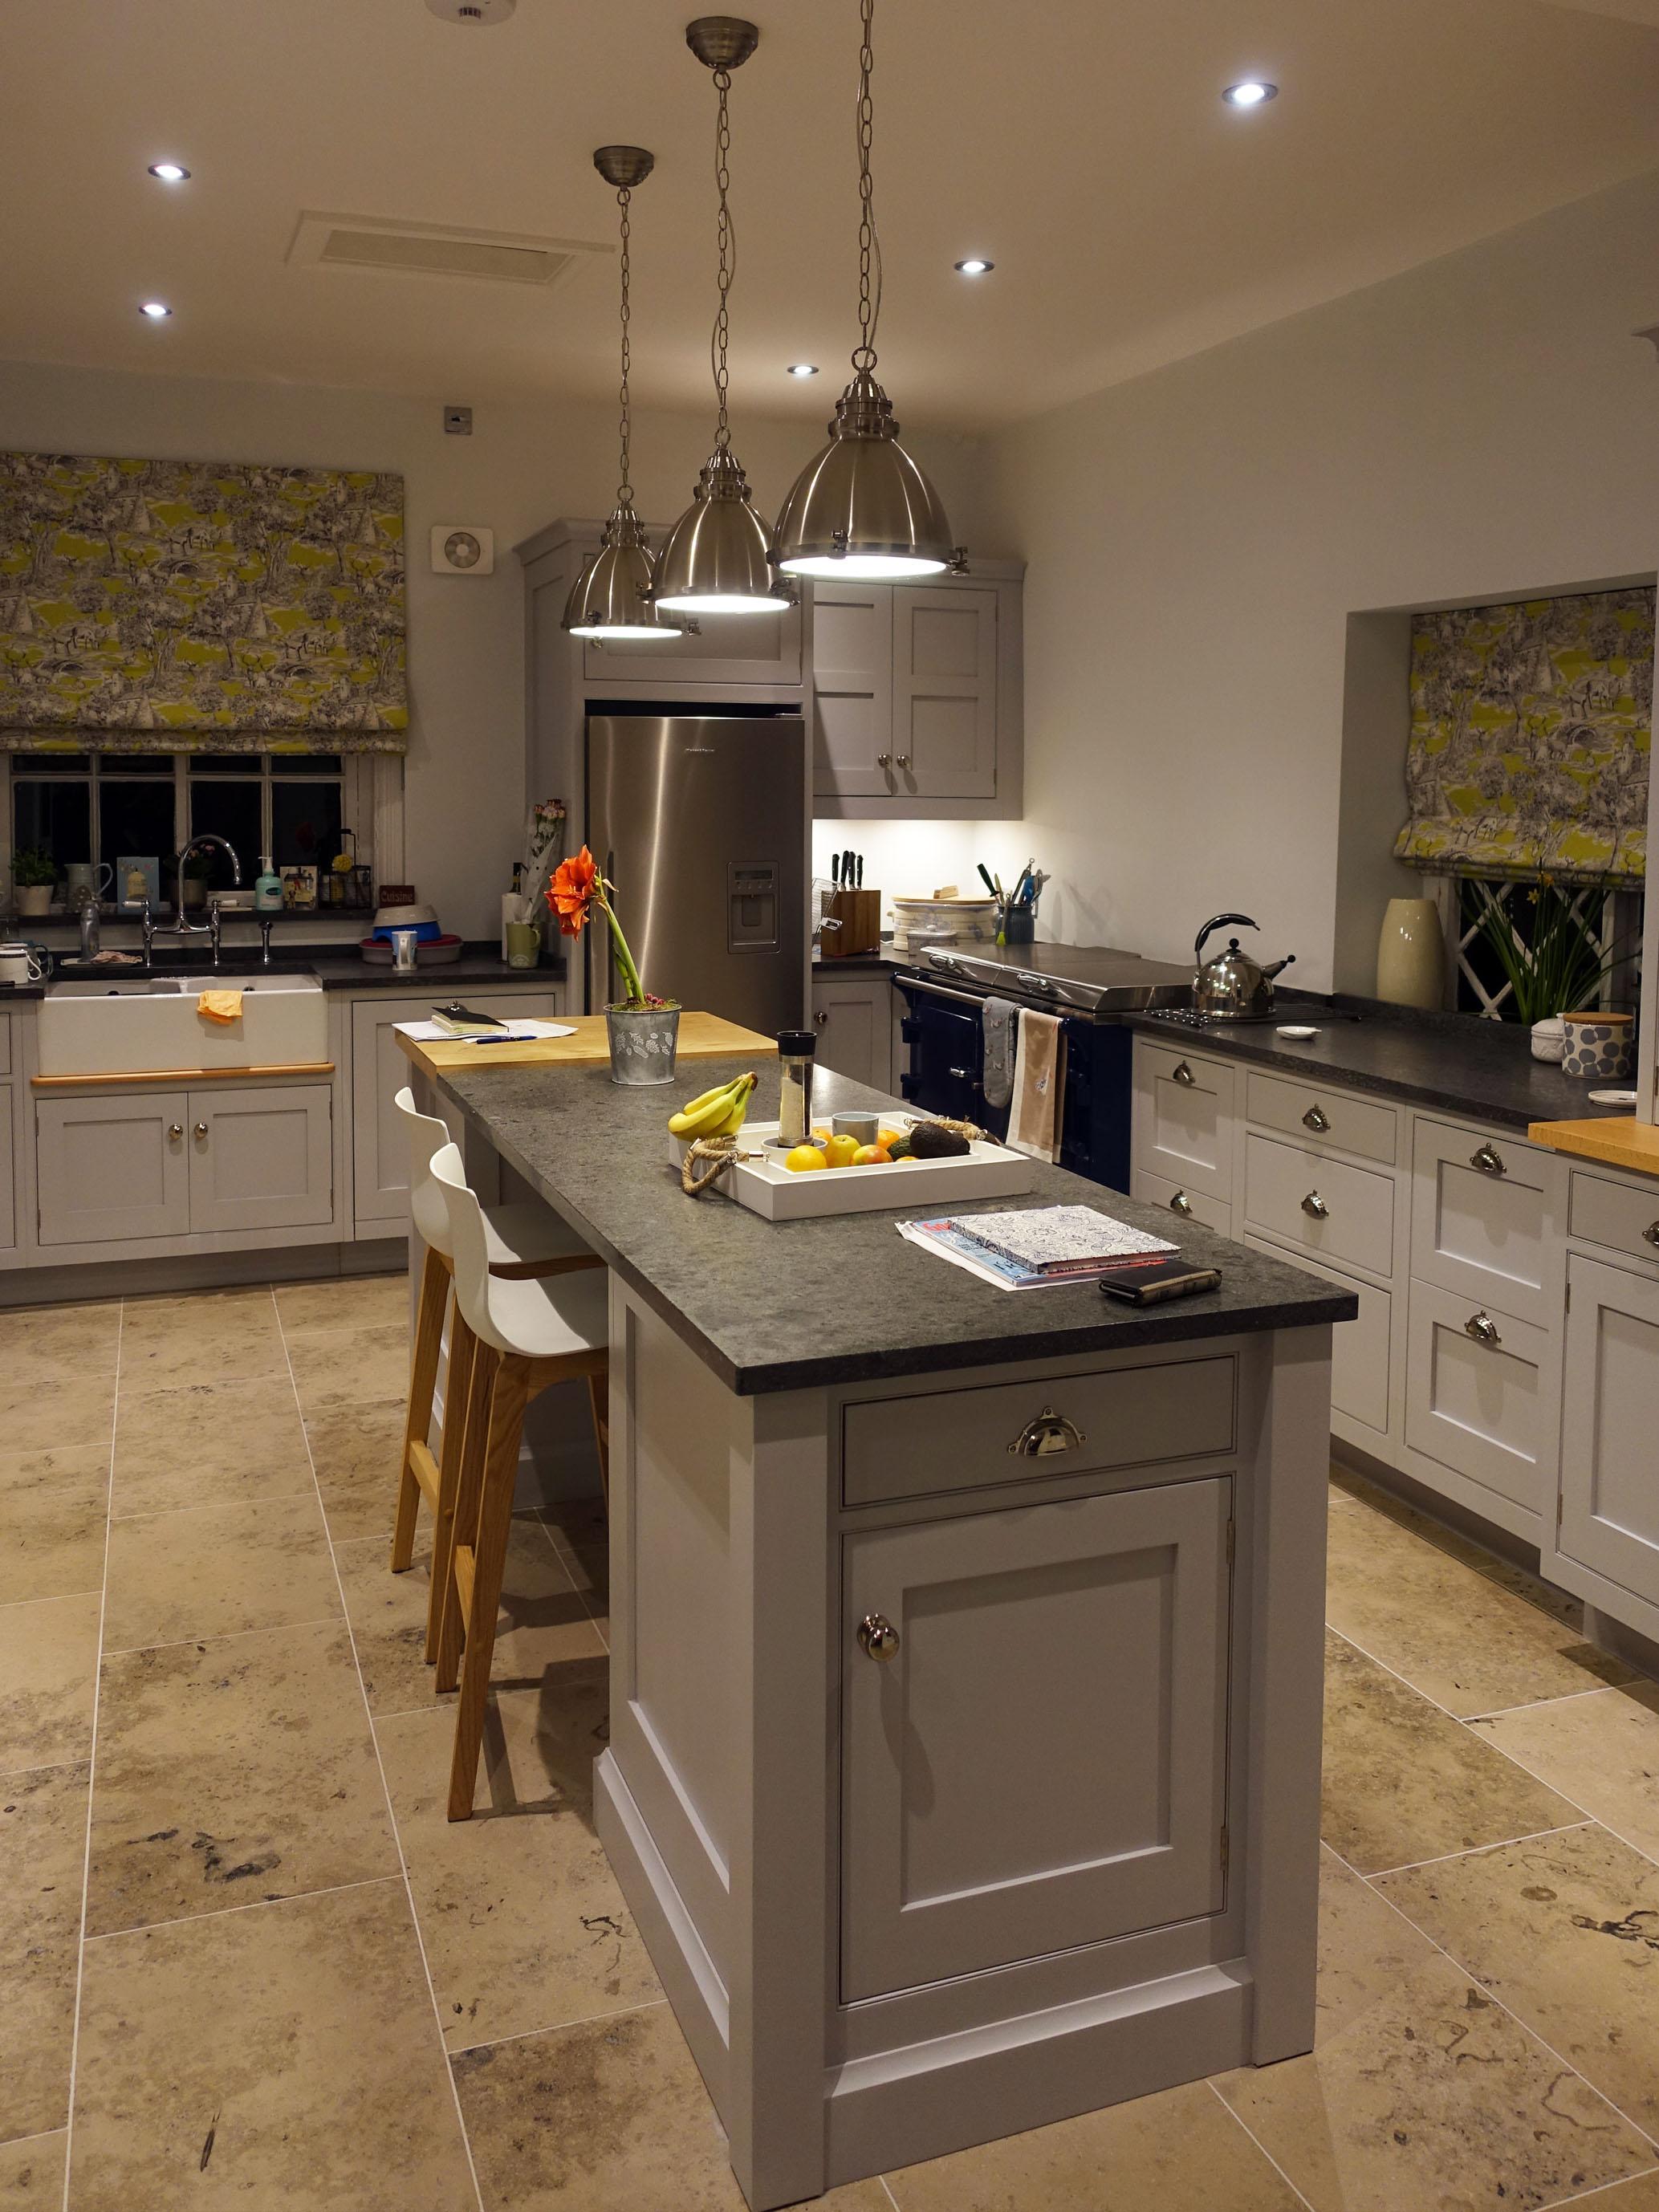 Niven - Kennelwood Cottages Interior 2.jpg